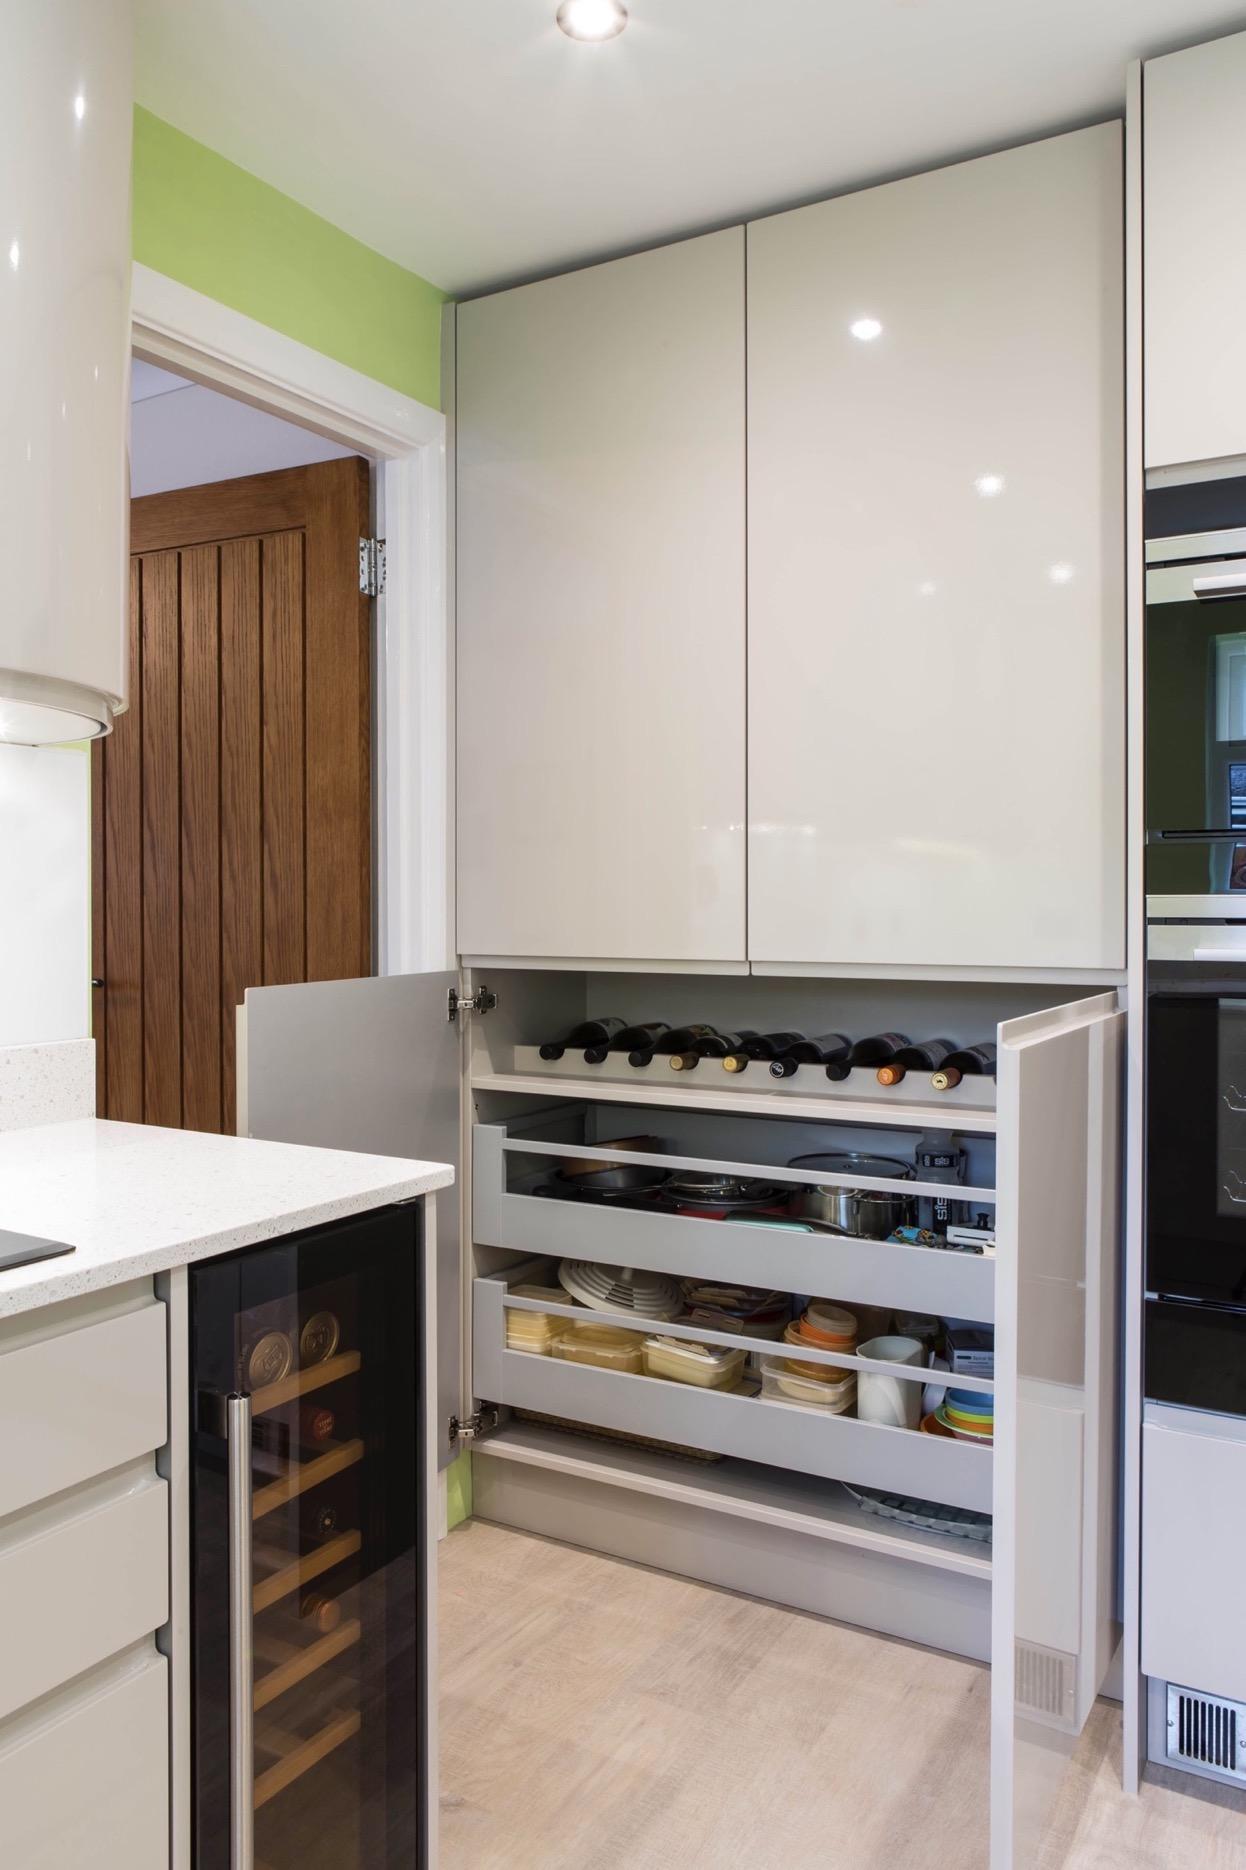 oak larder food drawer storage princes risborough longwick bespoke kitchen aylesbury